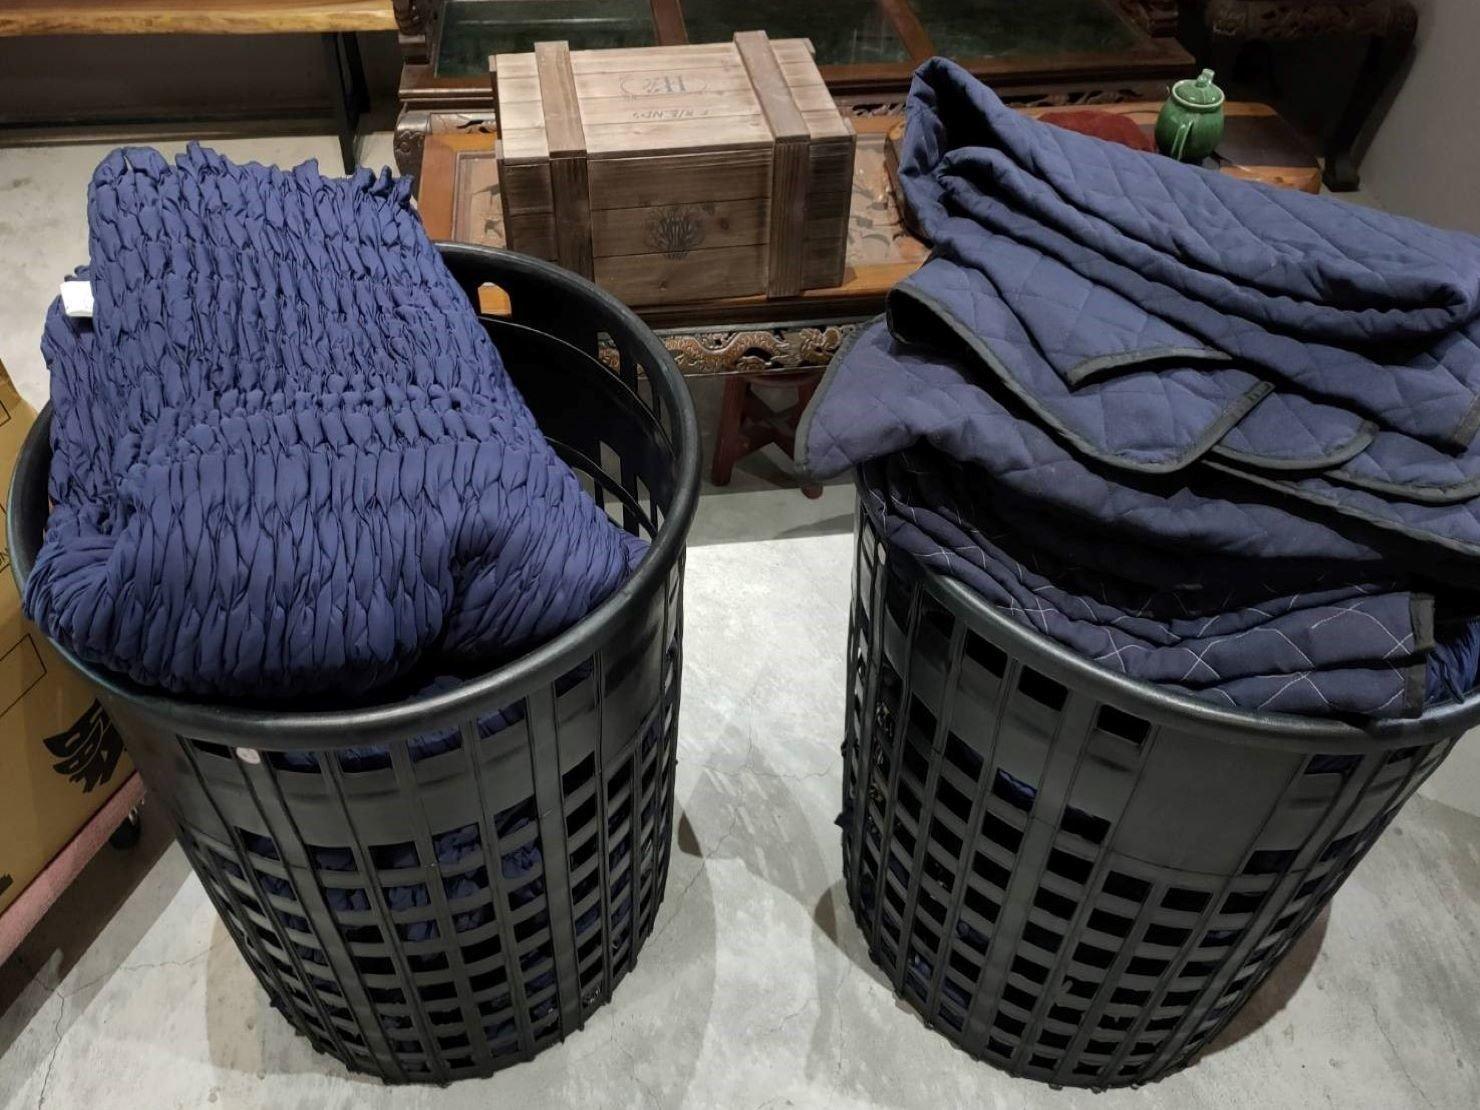 軍用包裹毯、日式伸縮保護套(依據不同家具、家電器、儀器等套上使用保護防碰撞及磨擦)。